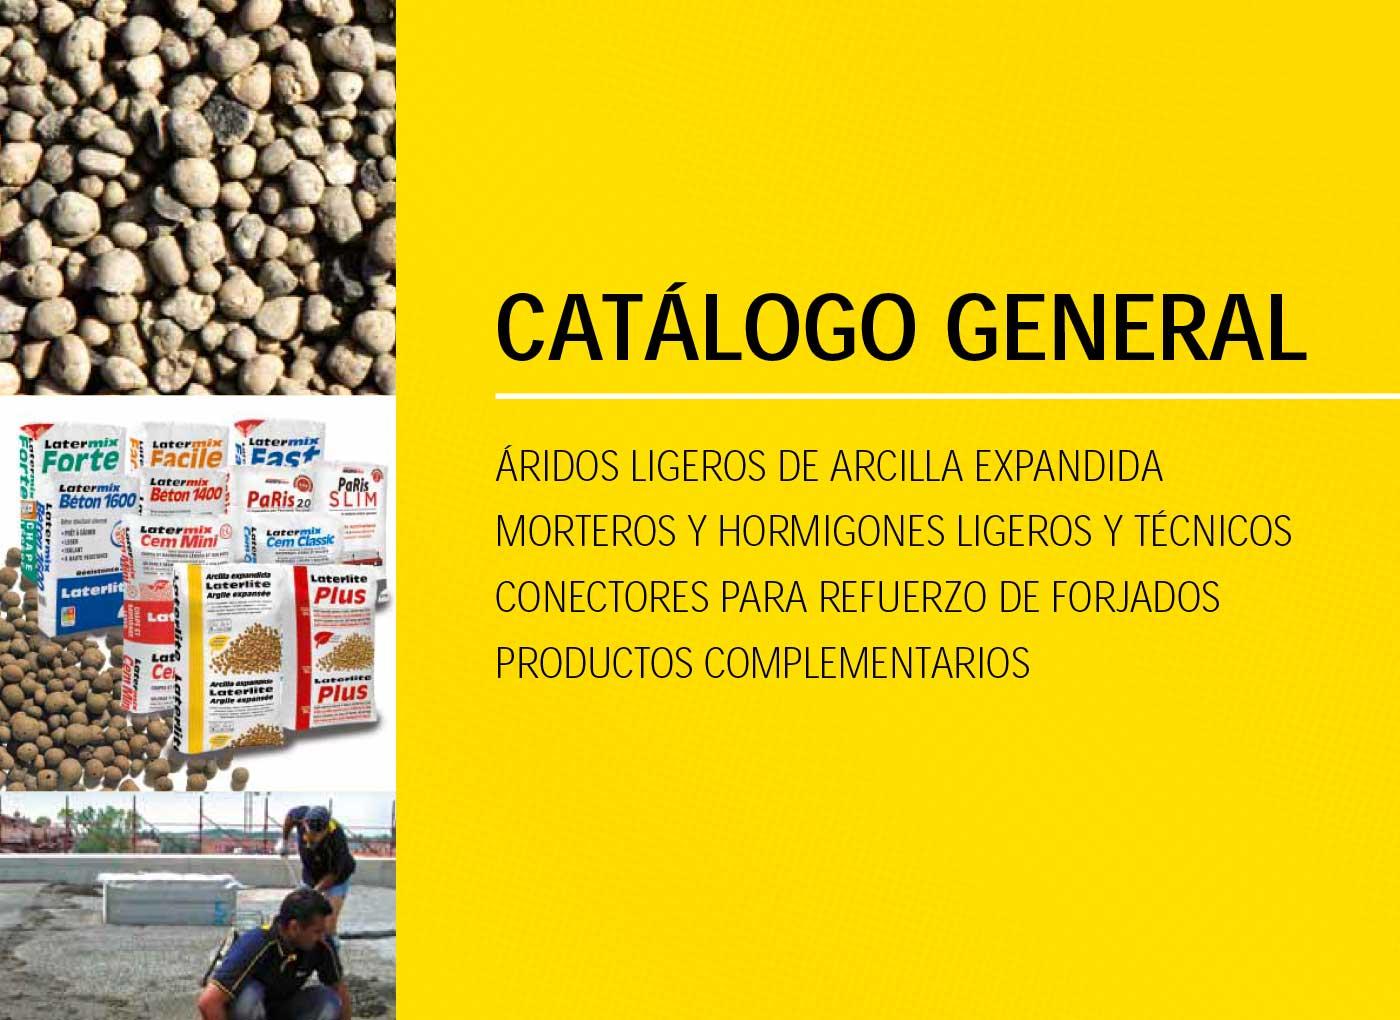 Catalogo-General-ES